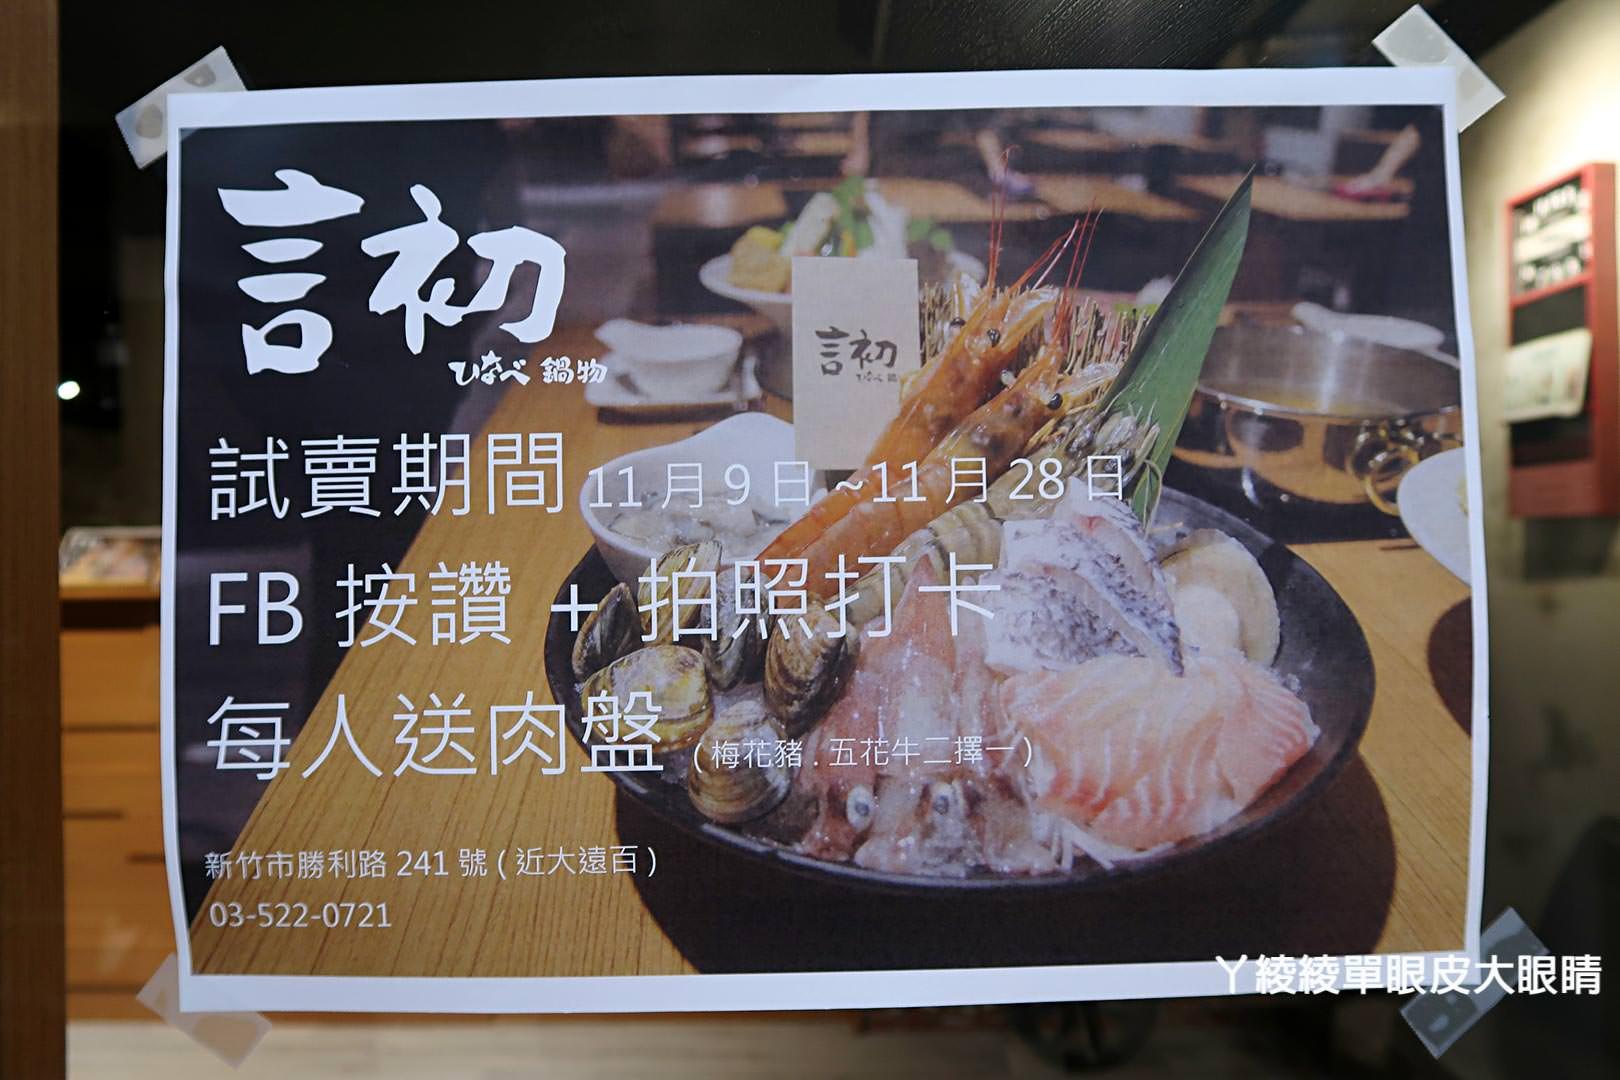 新竹大遠百附近新開幕火鍋《言初鍋物  ひなべ》,試營運期間臉書打卡送肉盤